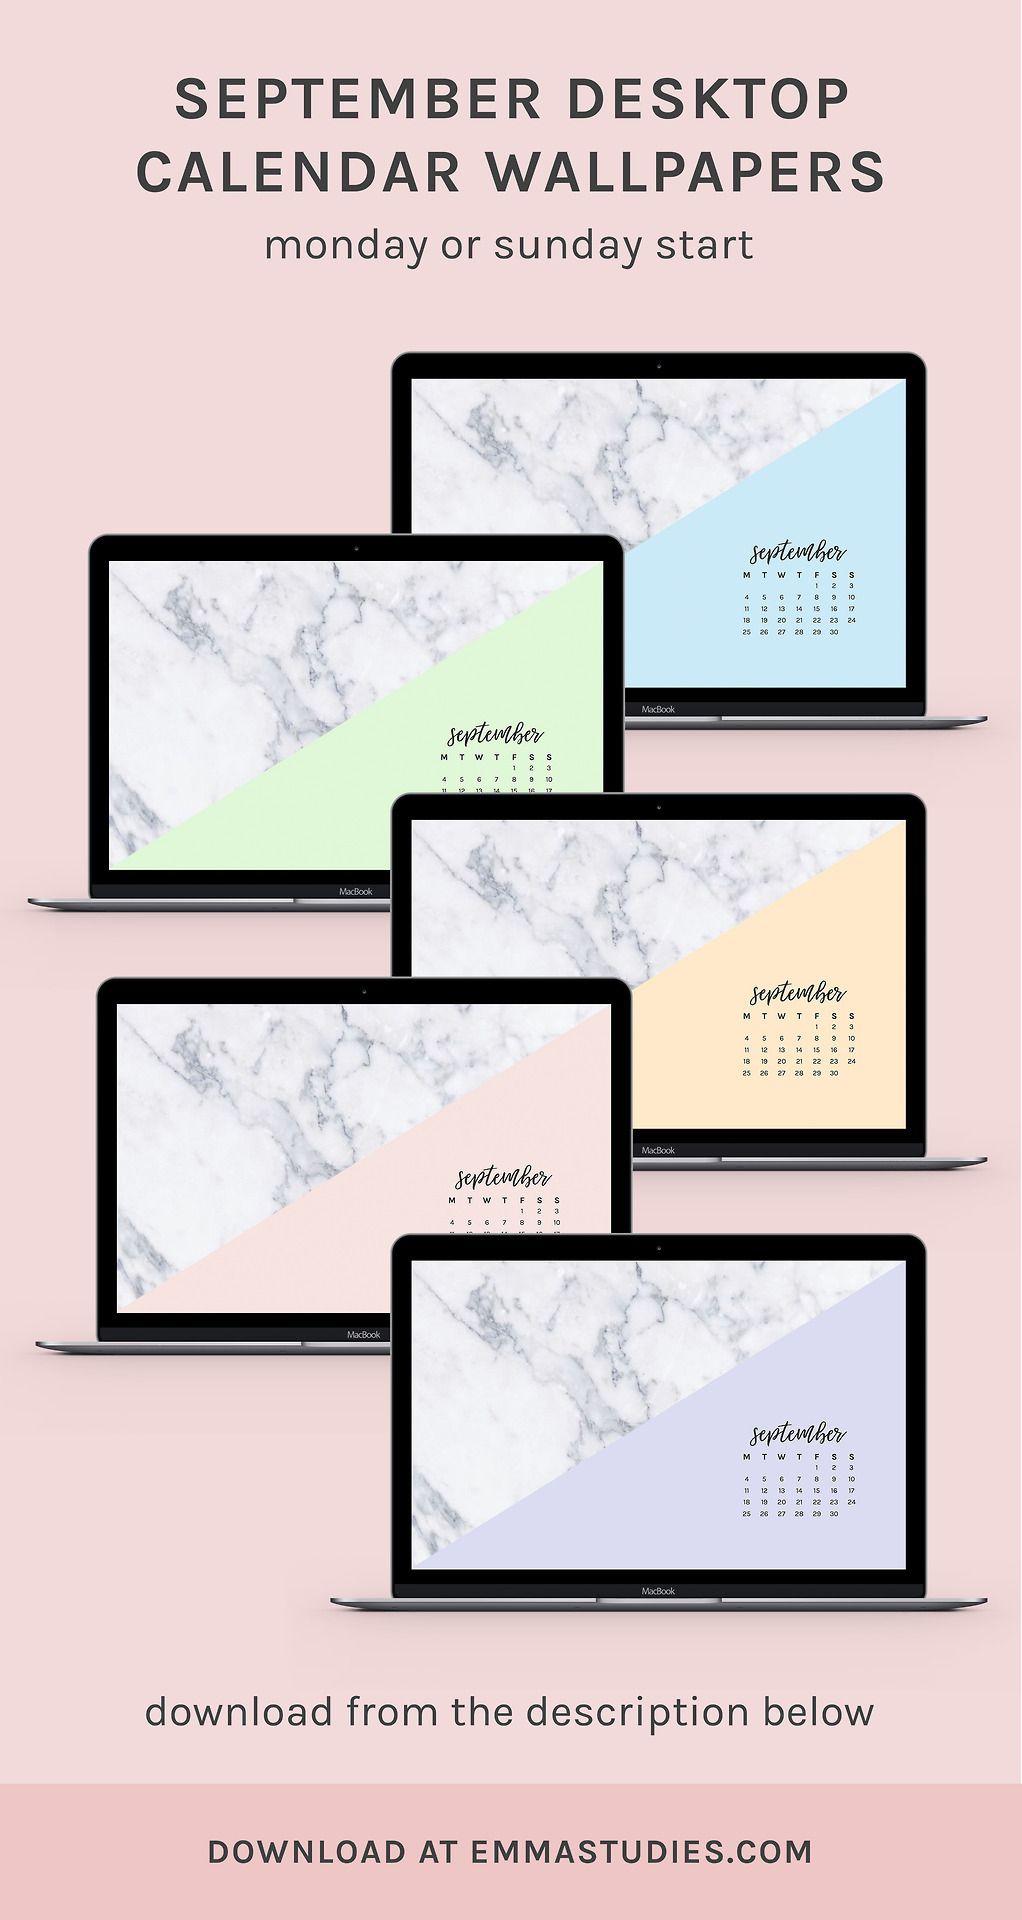 Cool Wallpaper Marble Calendar - d0b4ad458d96b2621919316850dfff8b  You Should Have_51875.jpg